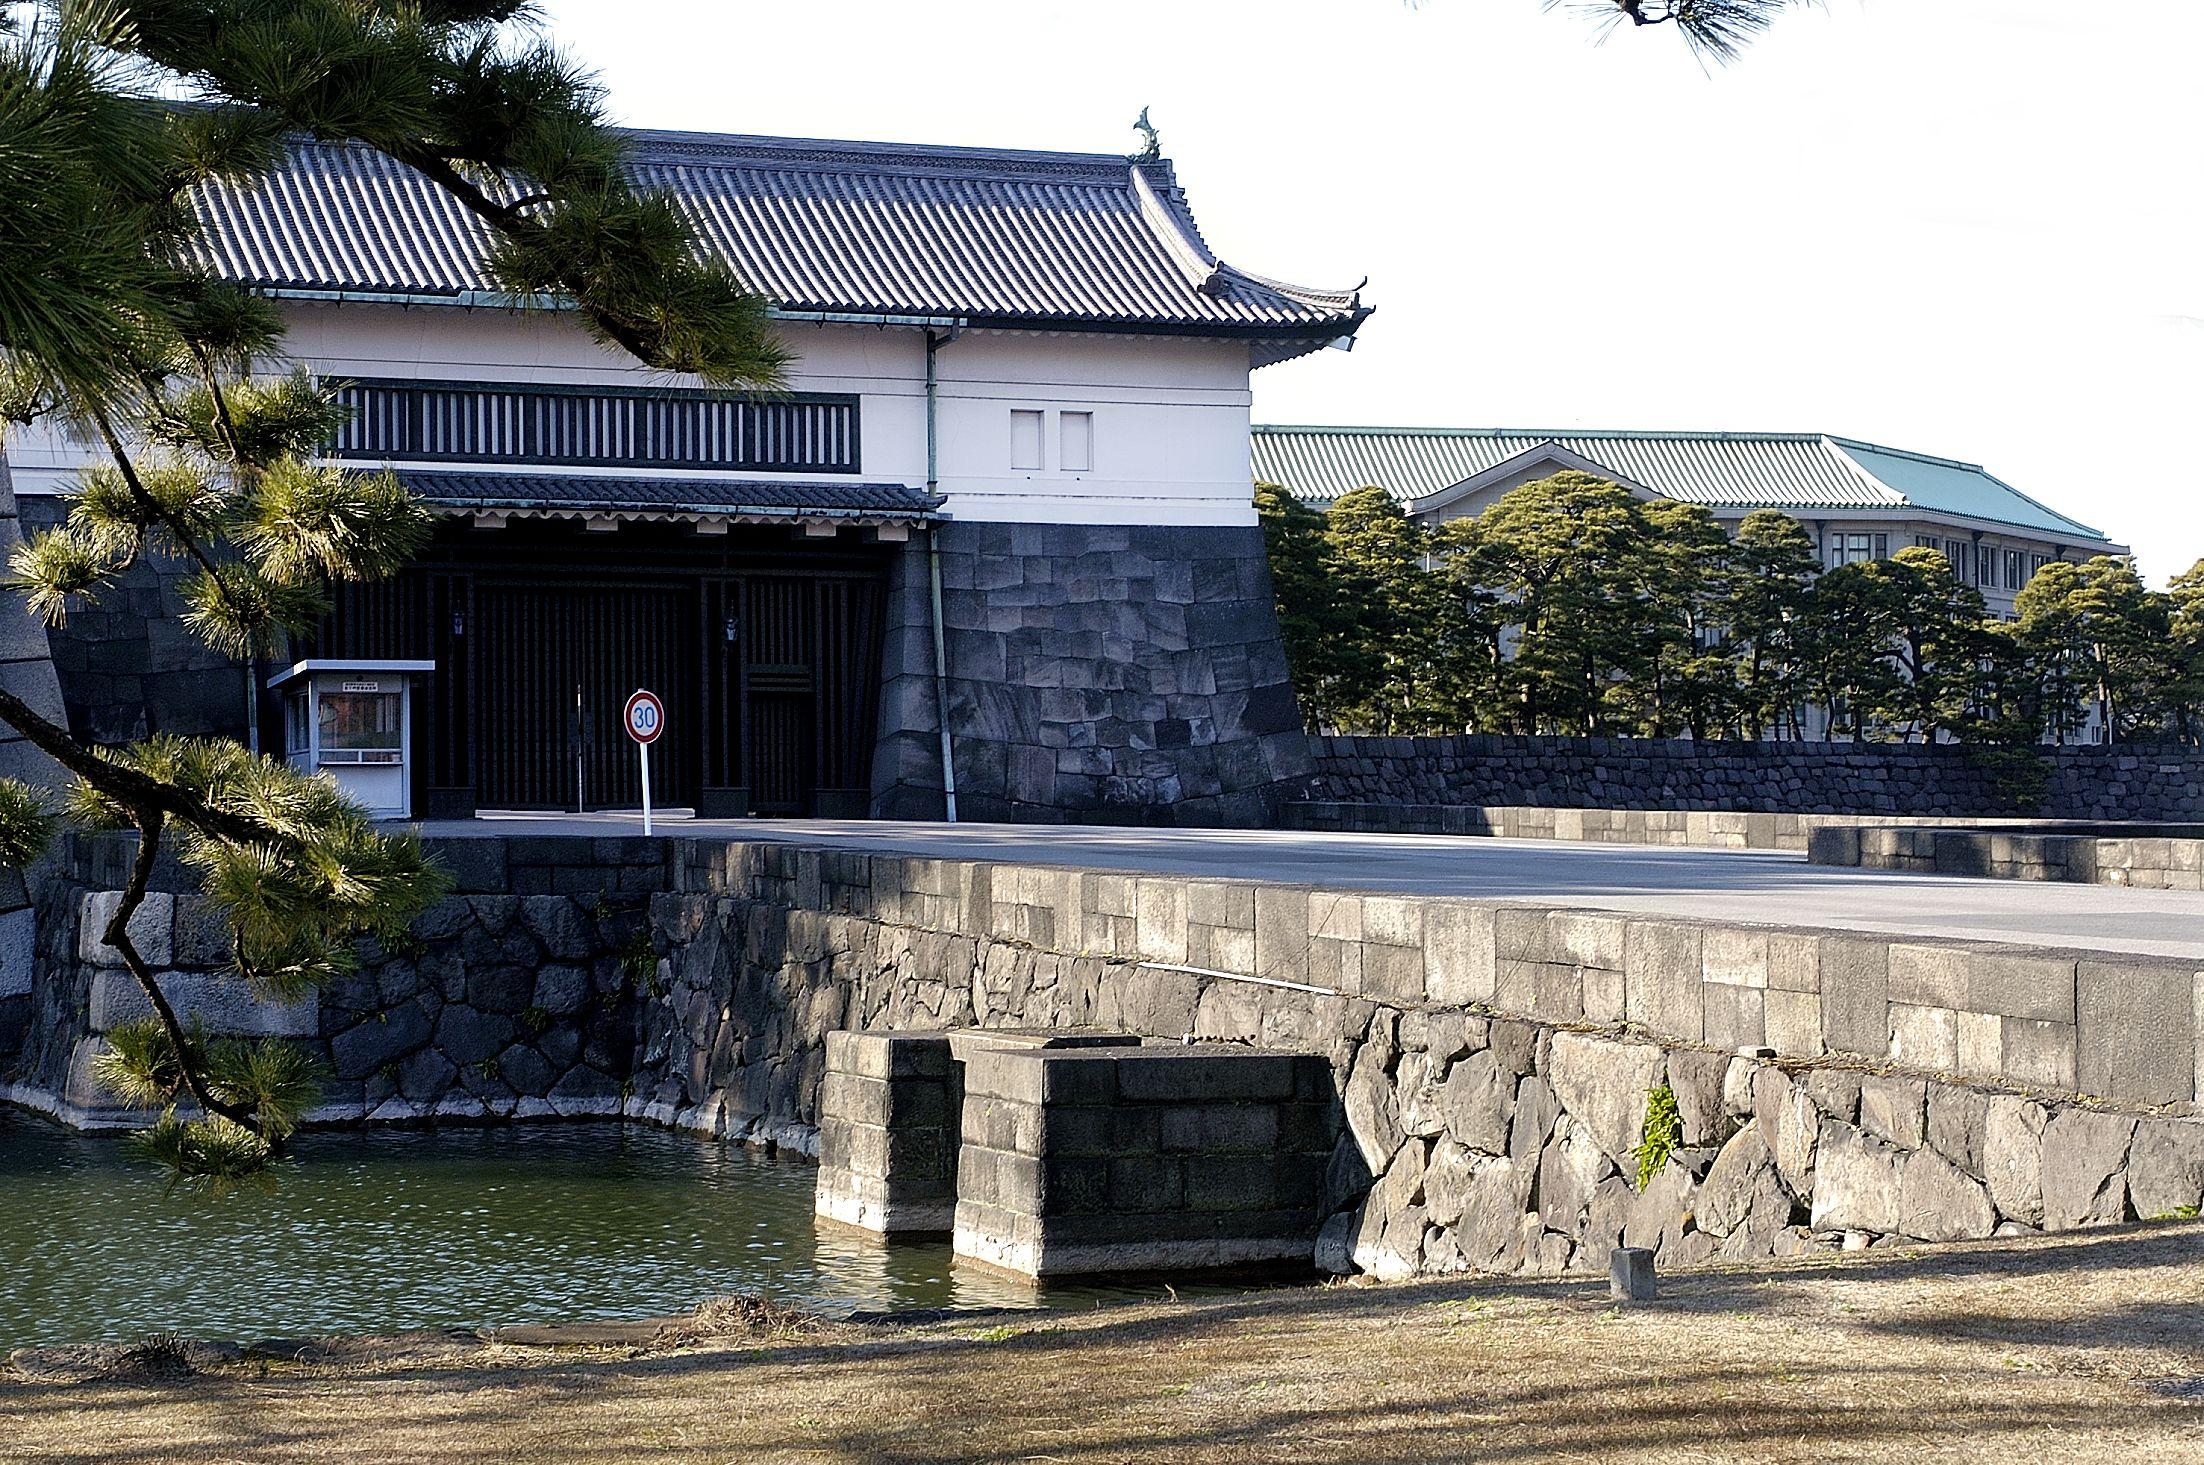 Sakashita-mon Gate bridge